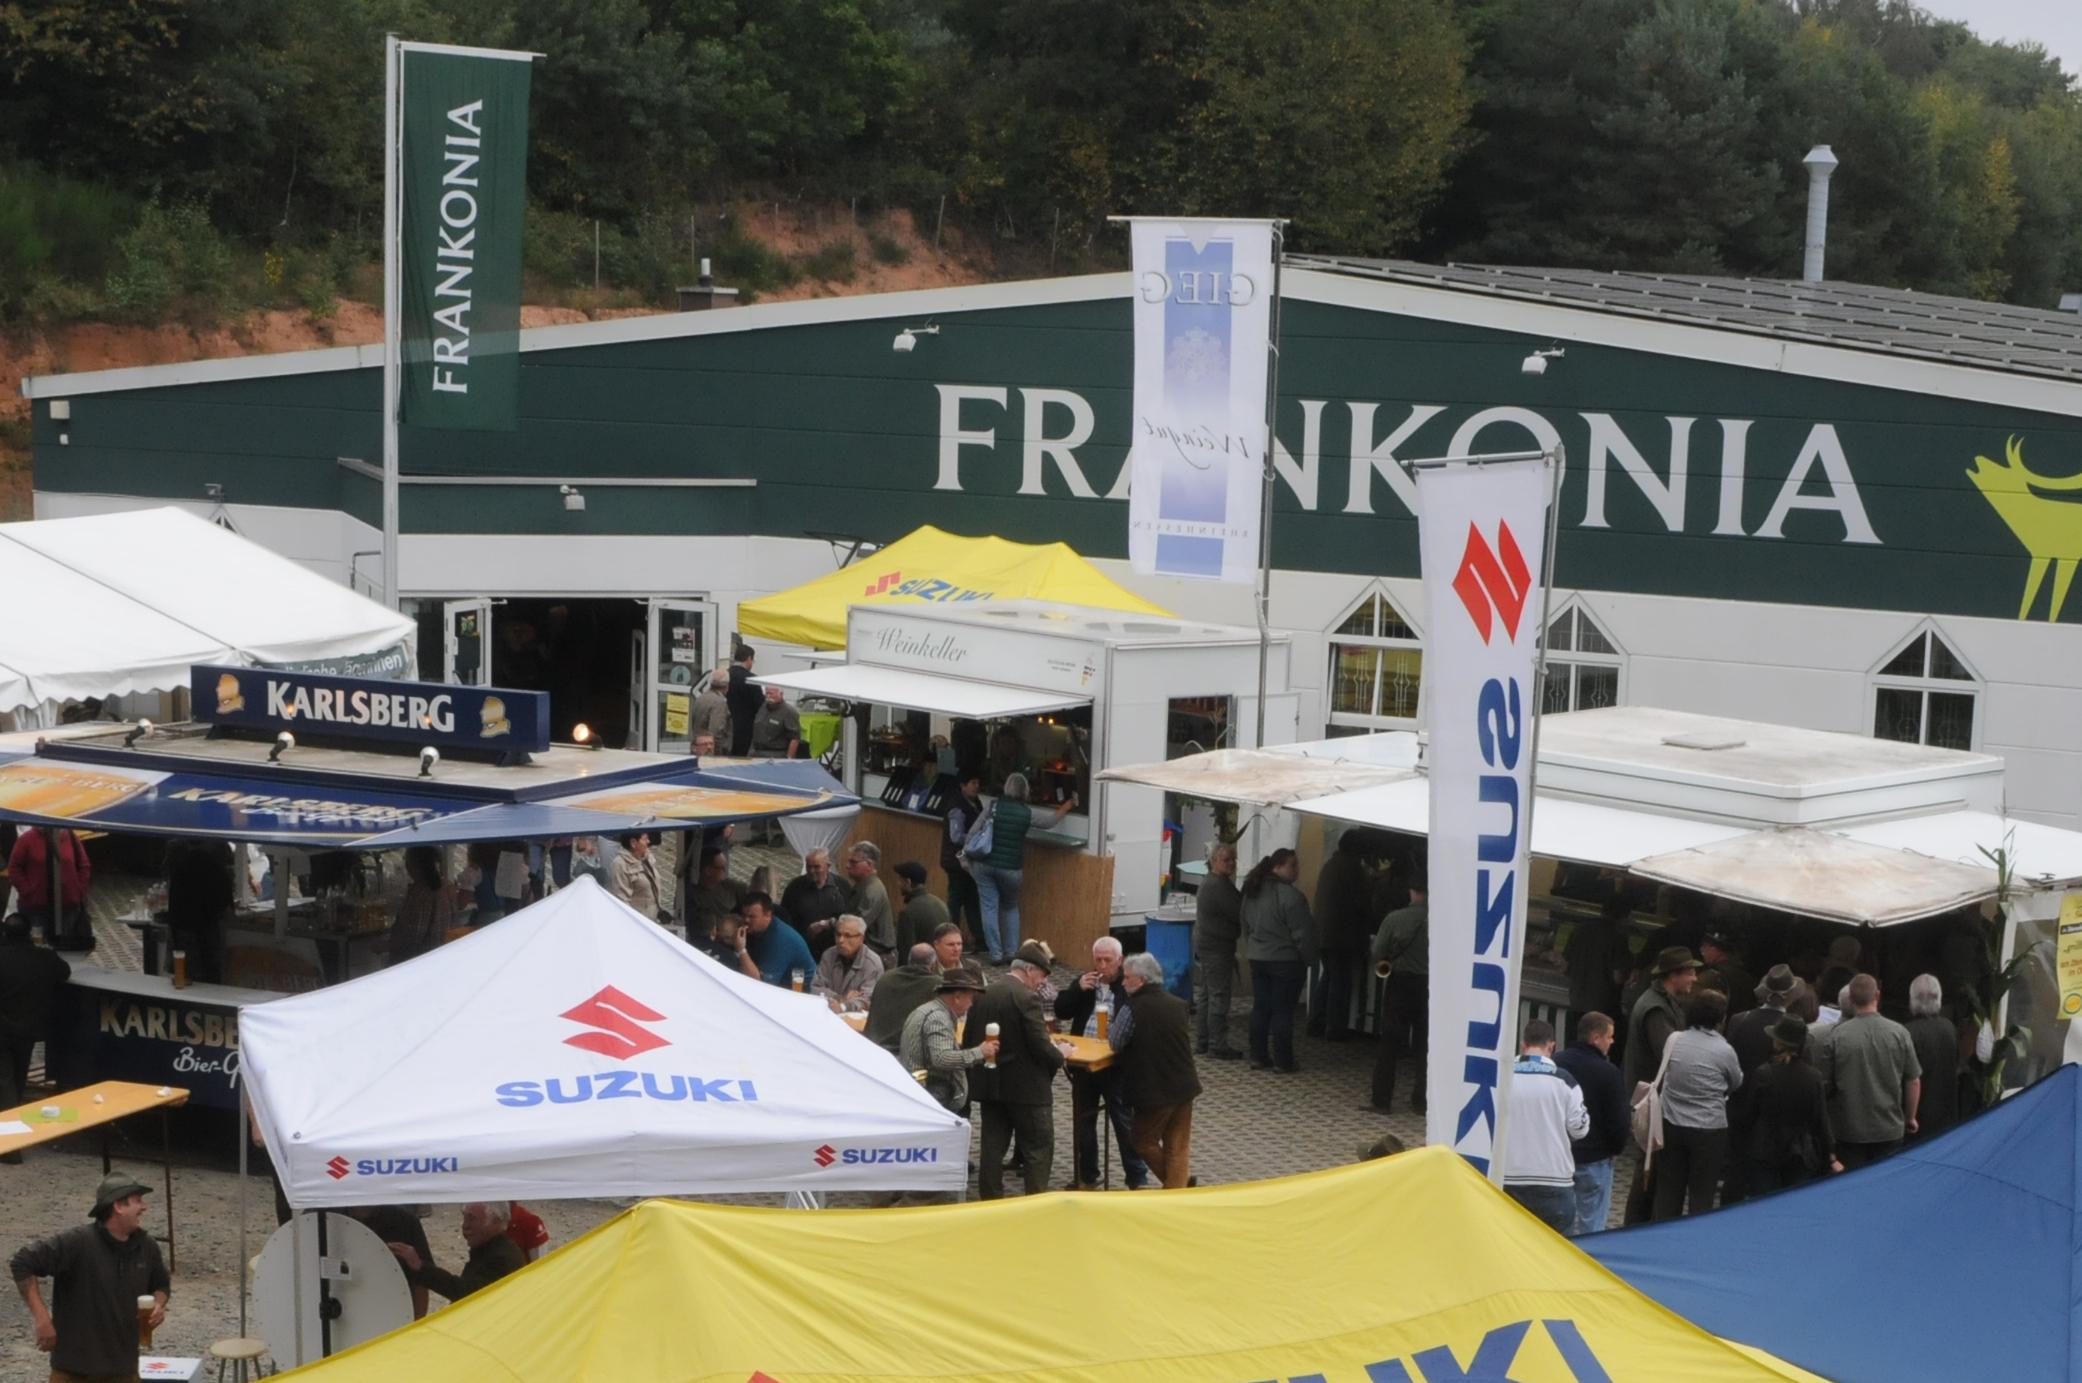 Entfernungsmesser Jagd Frankonia : Jägerfest bei frankonia bexbach mit neuem besucherrekord